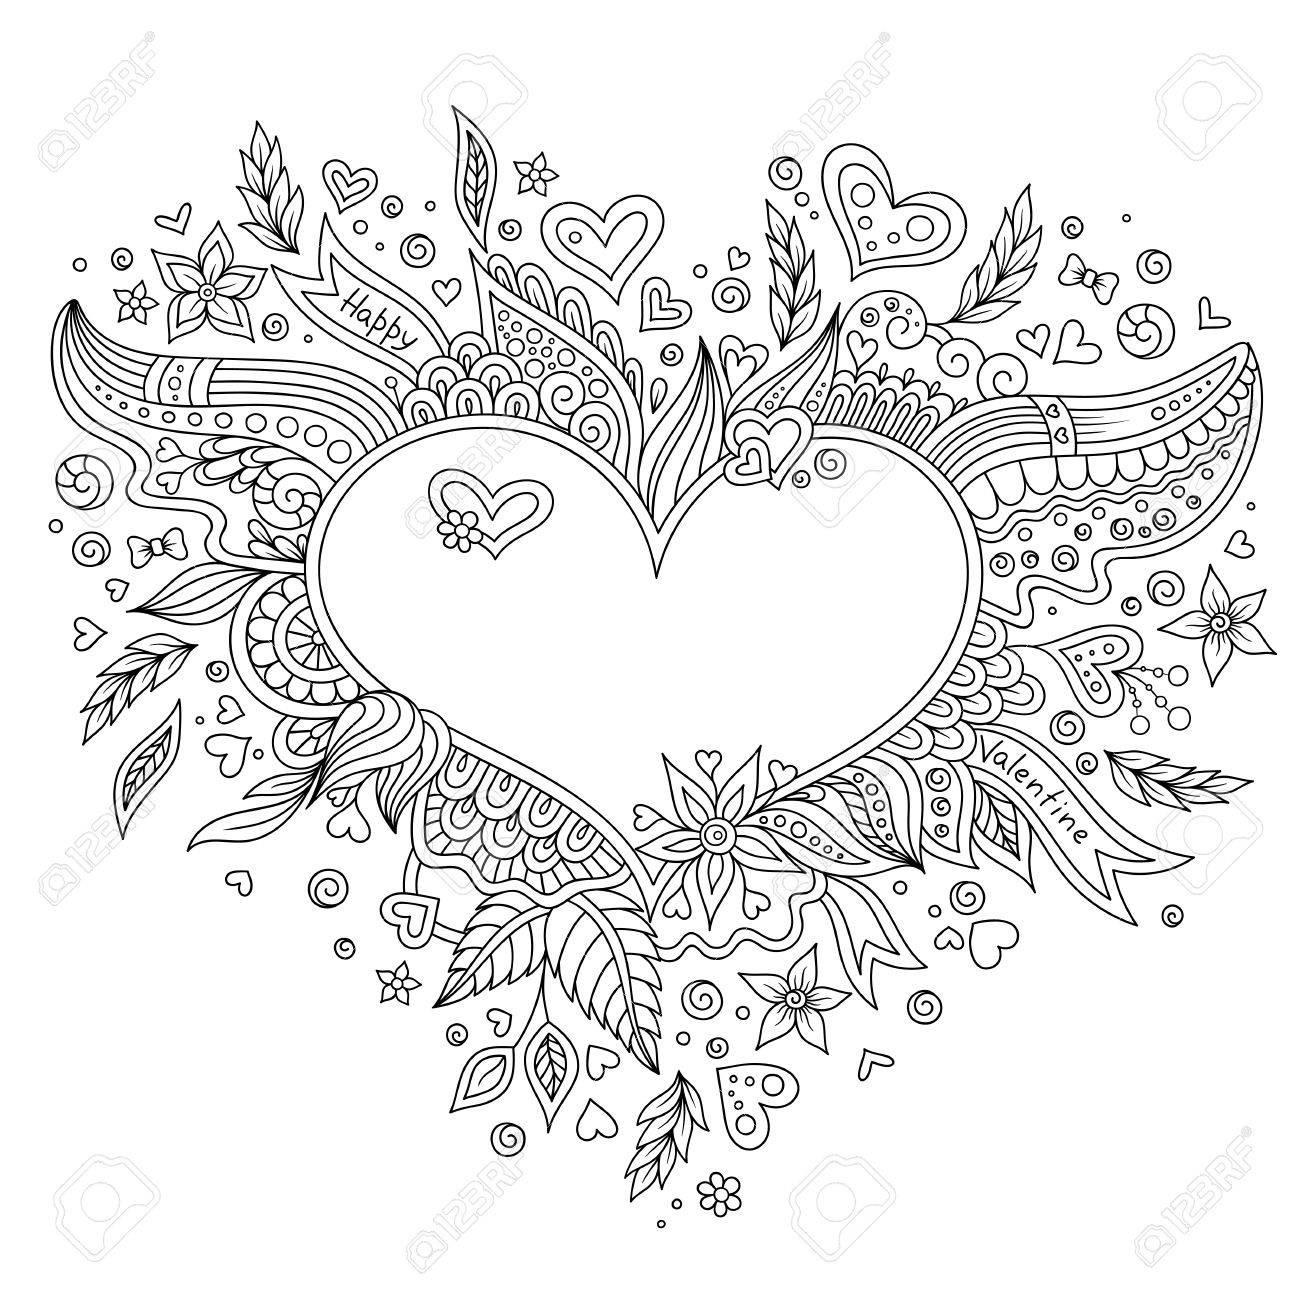 Malvorlage Blume Herz Valentinstag Malvorlage Mit Details Auf